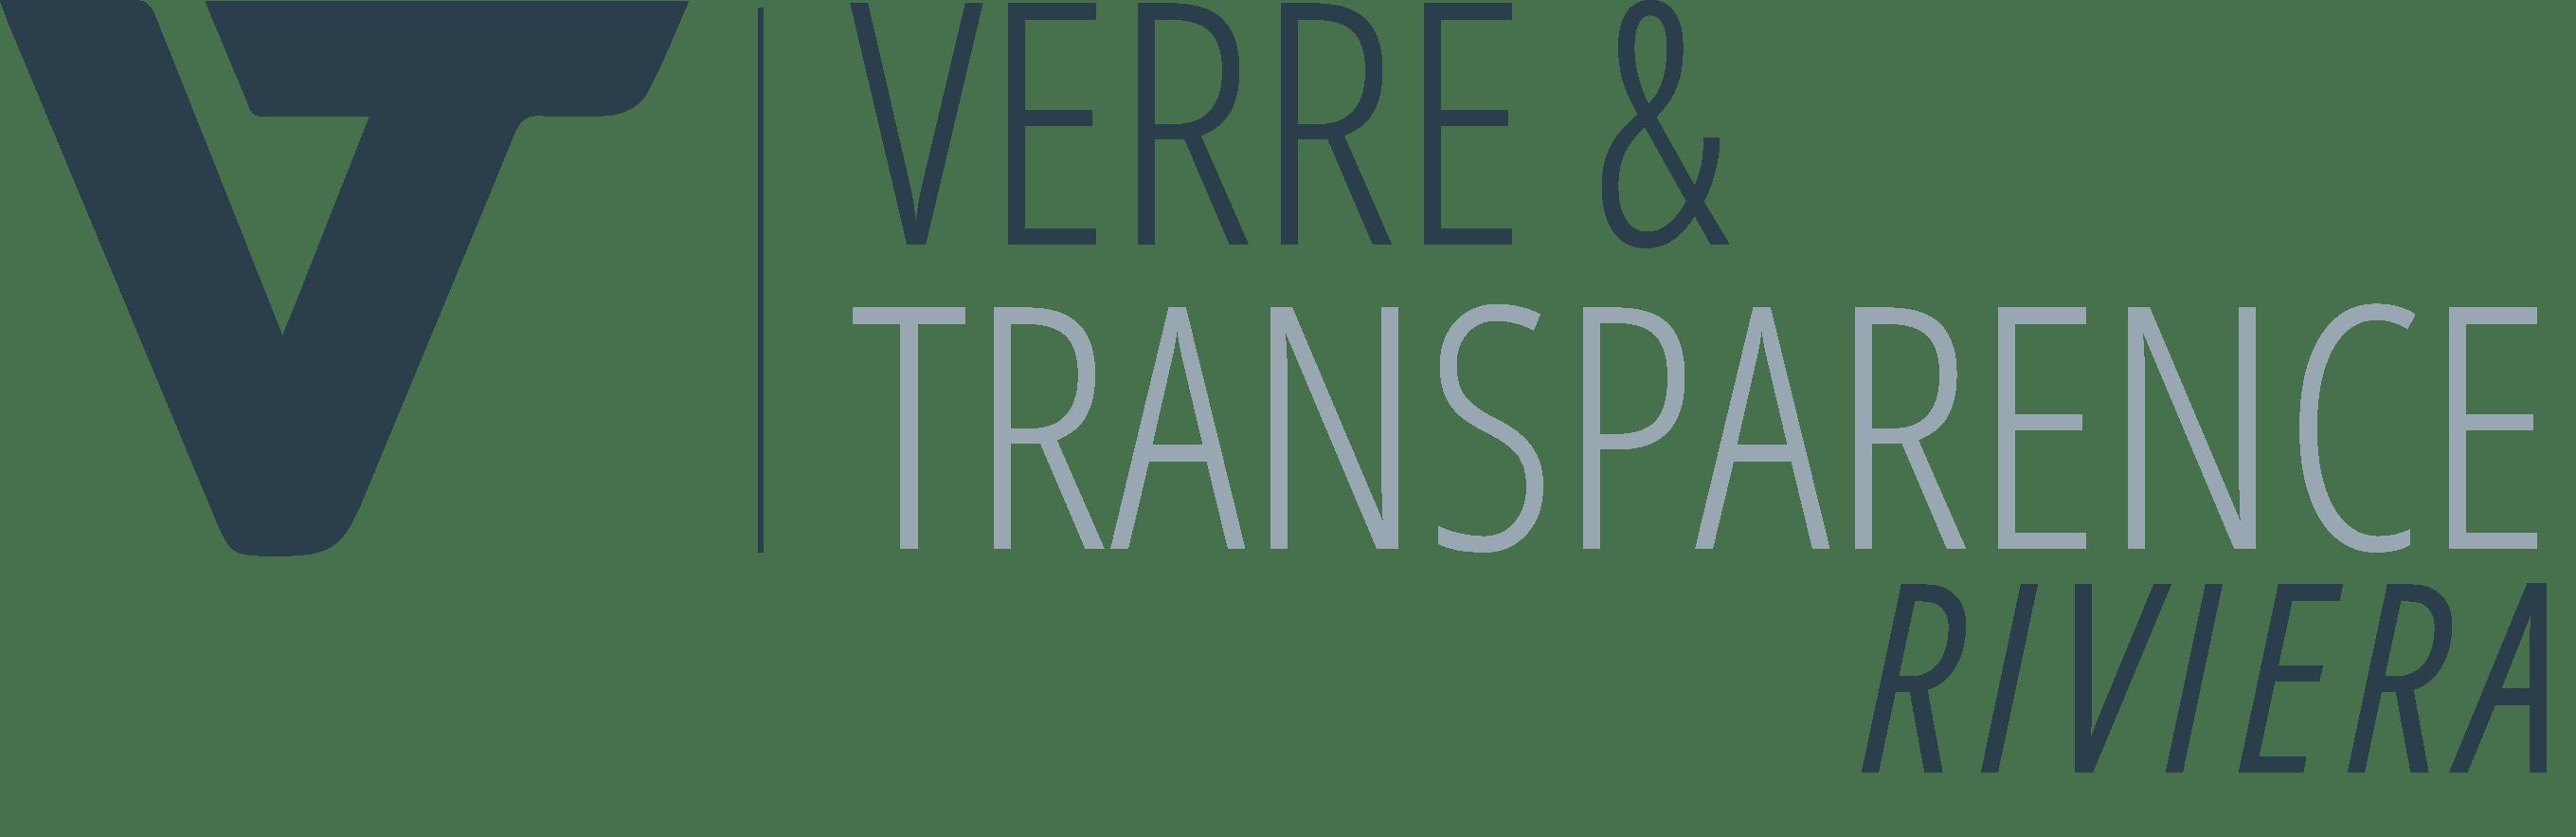 Vitrerie et Miroiterie - Verre et Transparence Riviera